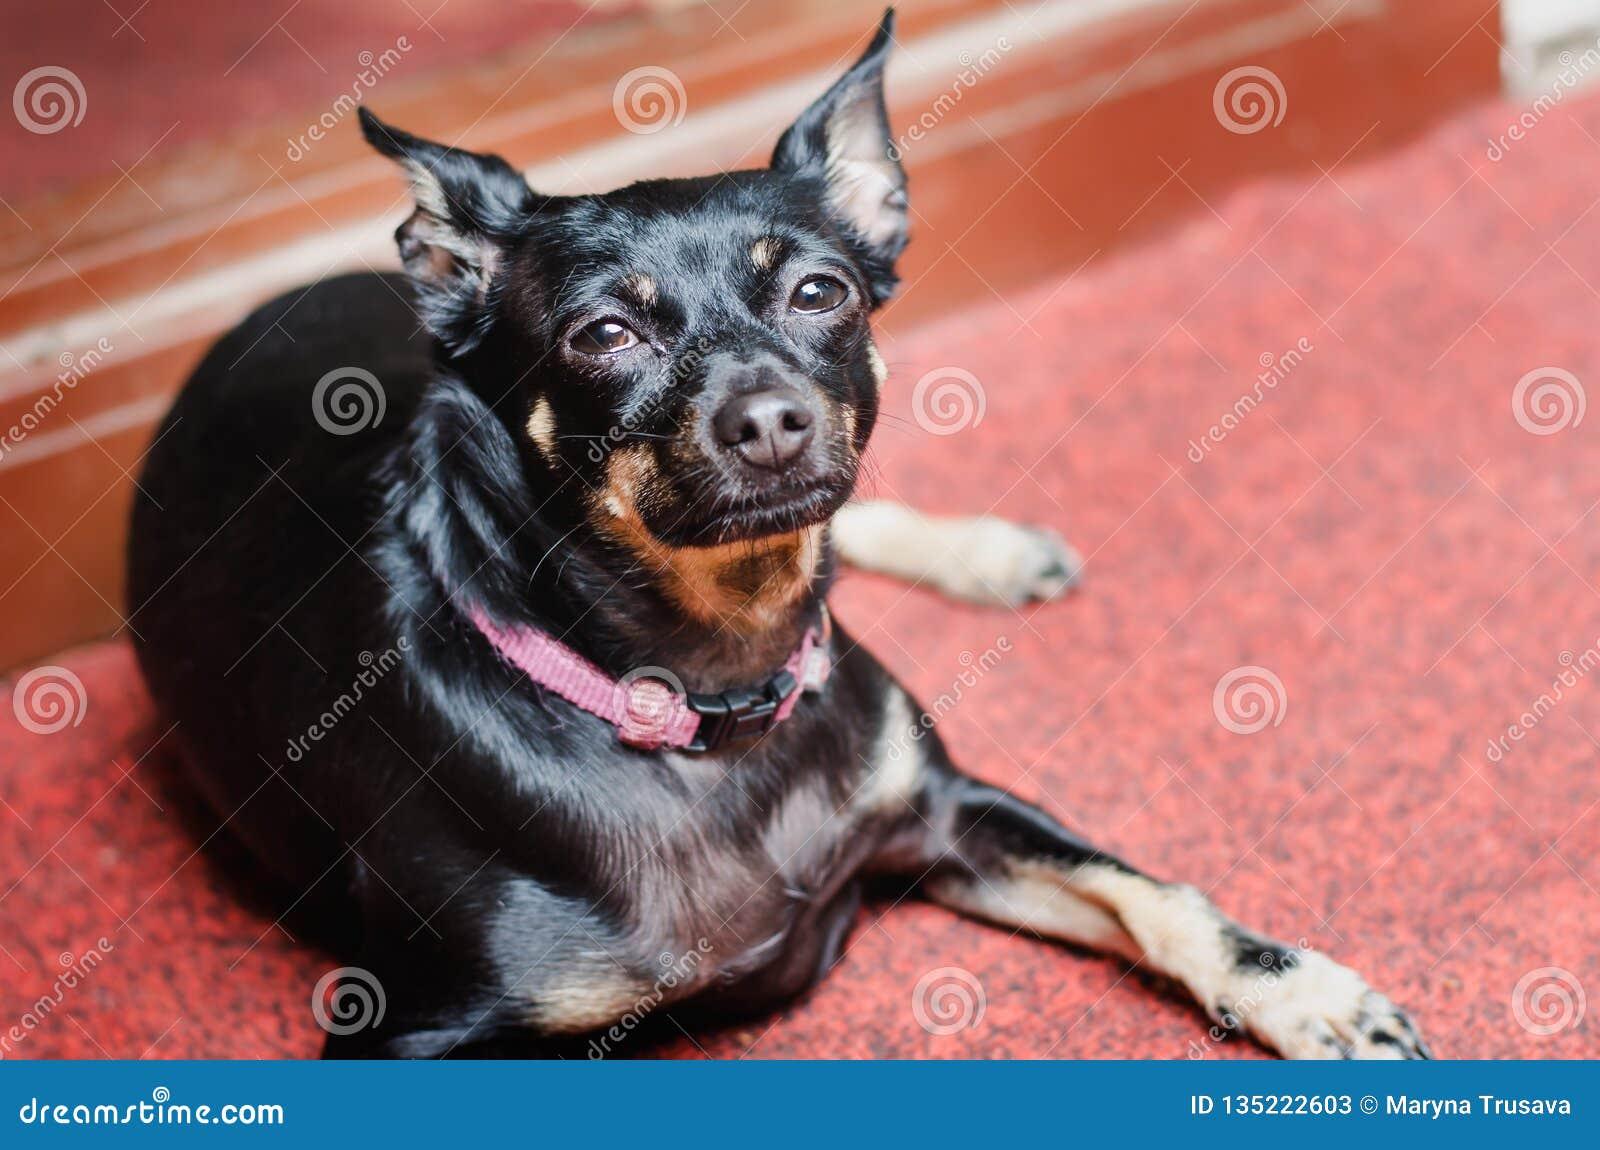 Ένα μικρό μαύρο ομαλός-μαλλιαρό σκυλί στηρίζεται σε ένα κόκκινο χαλί